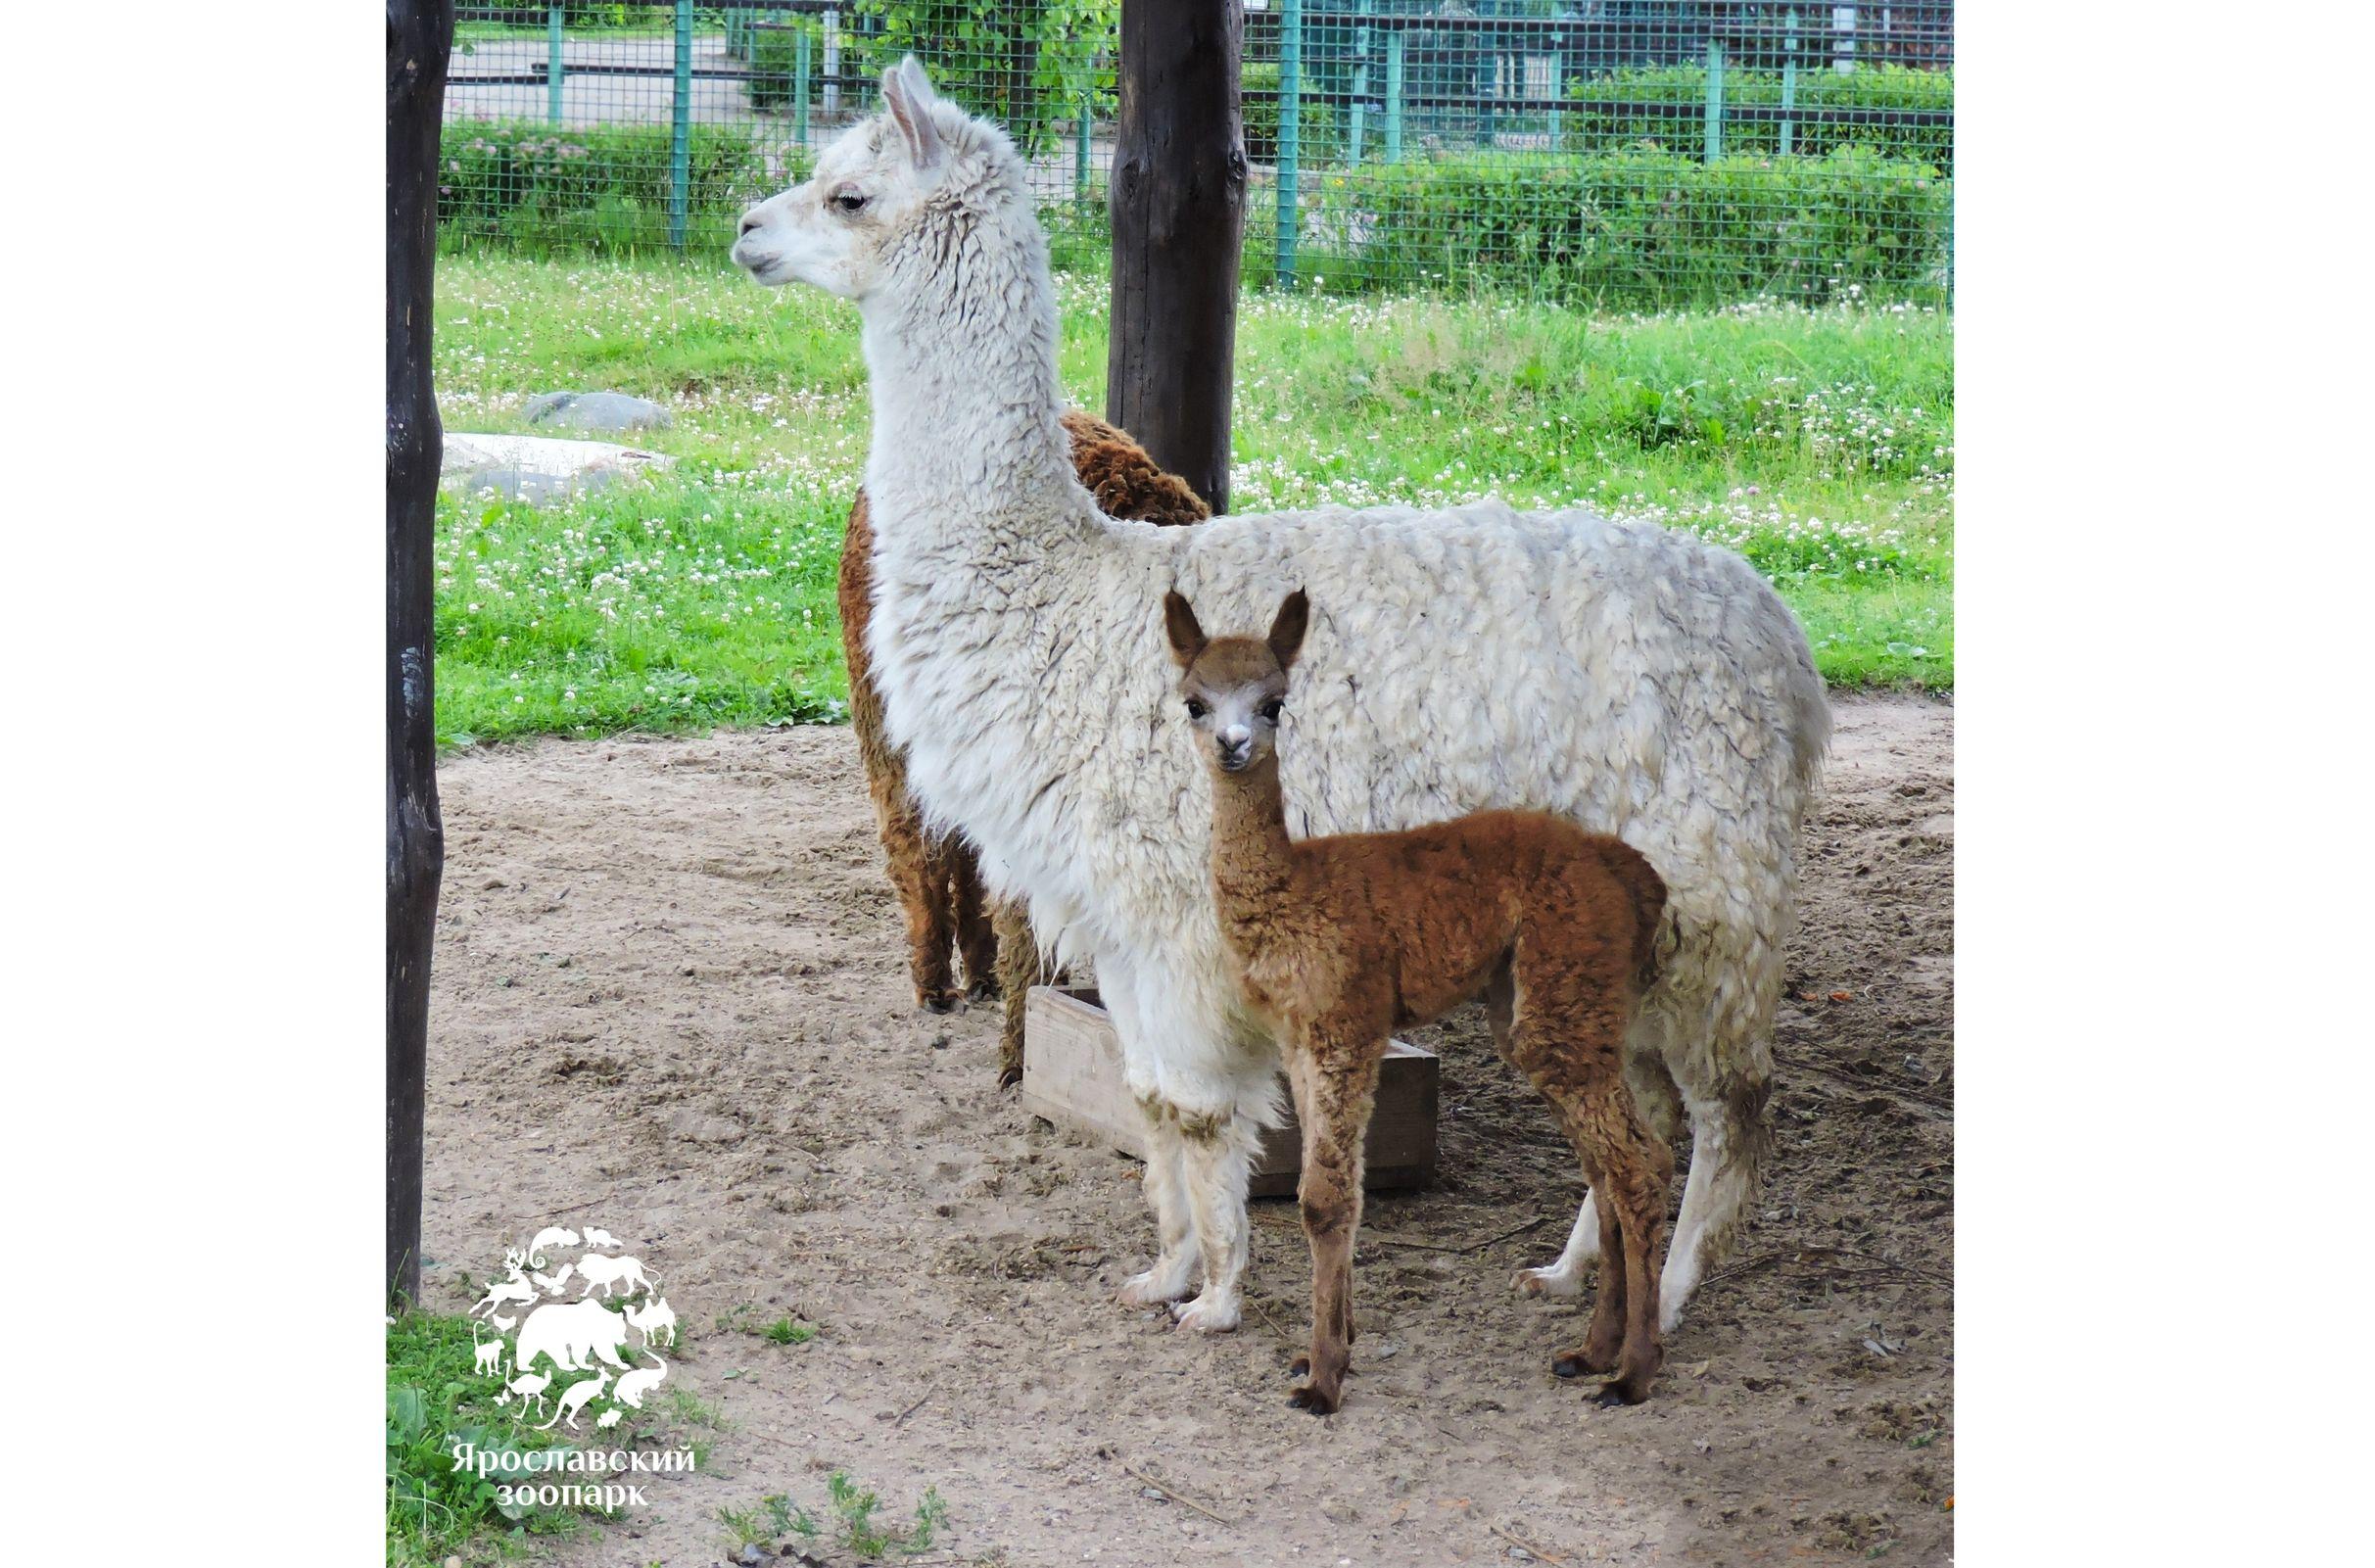 Малышке-альпака в Ярославском зоопарке выбрали имя